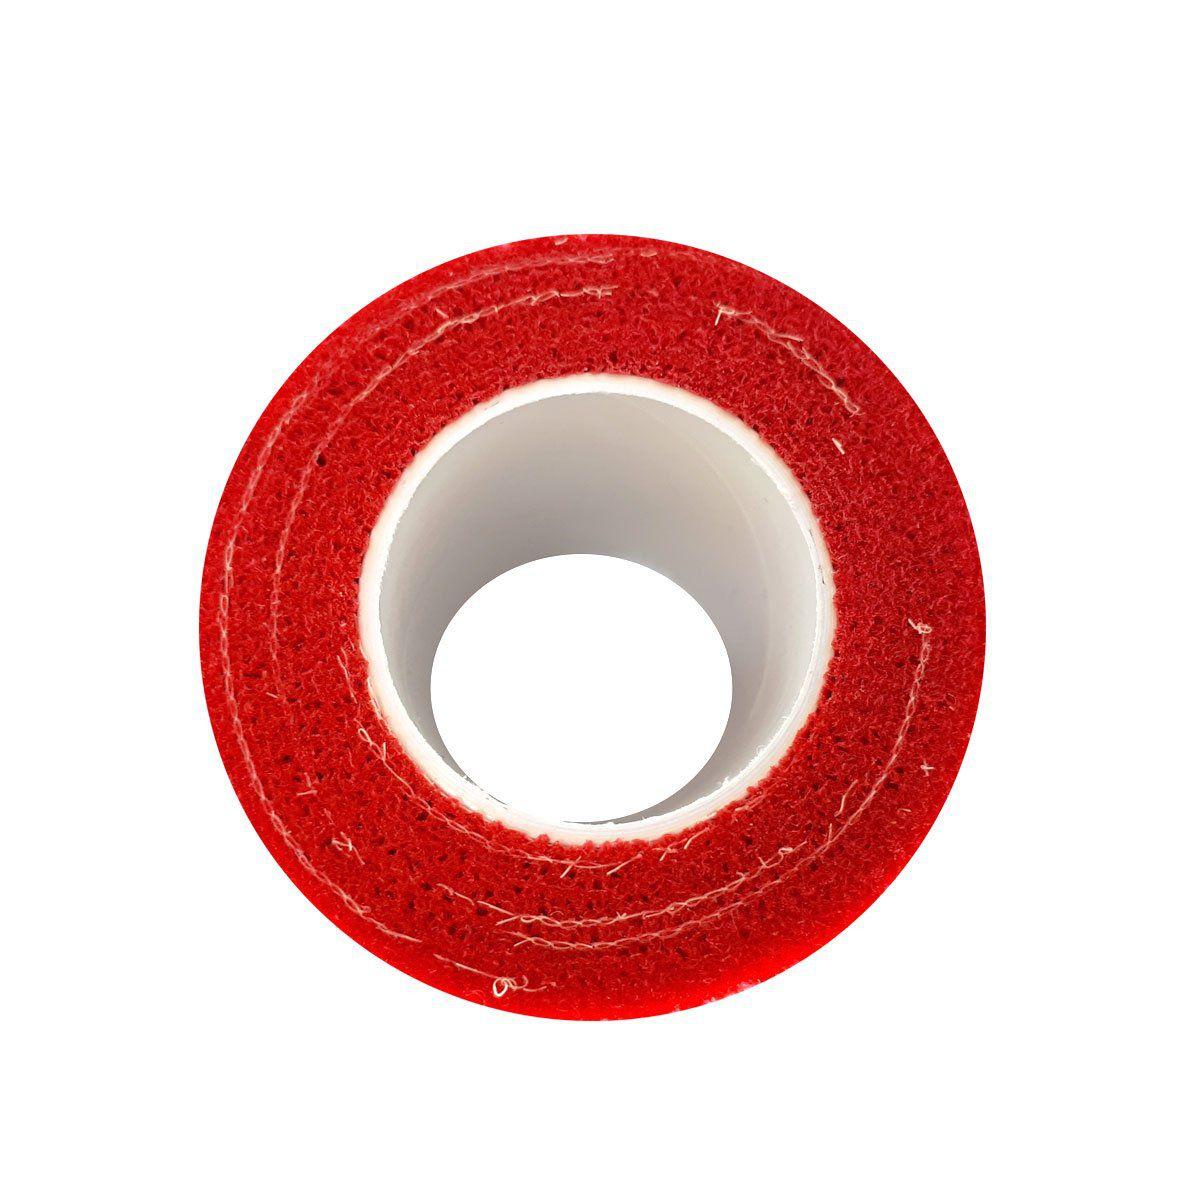 Fita P/ Camuflagem Albatroz Camo Tape FT-RED 5 Mts Vermelho